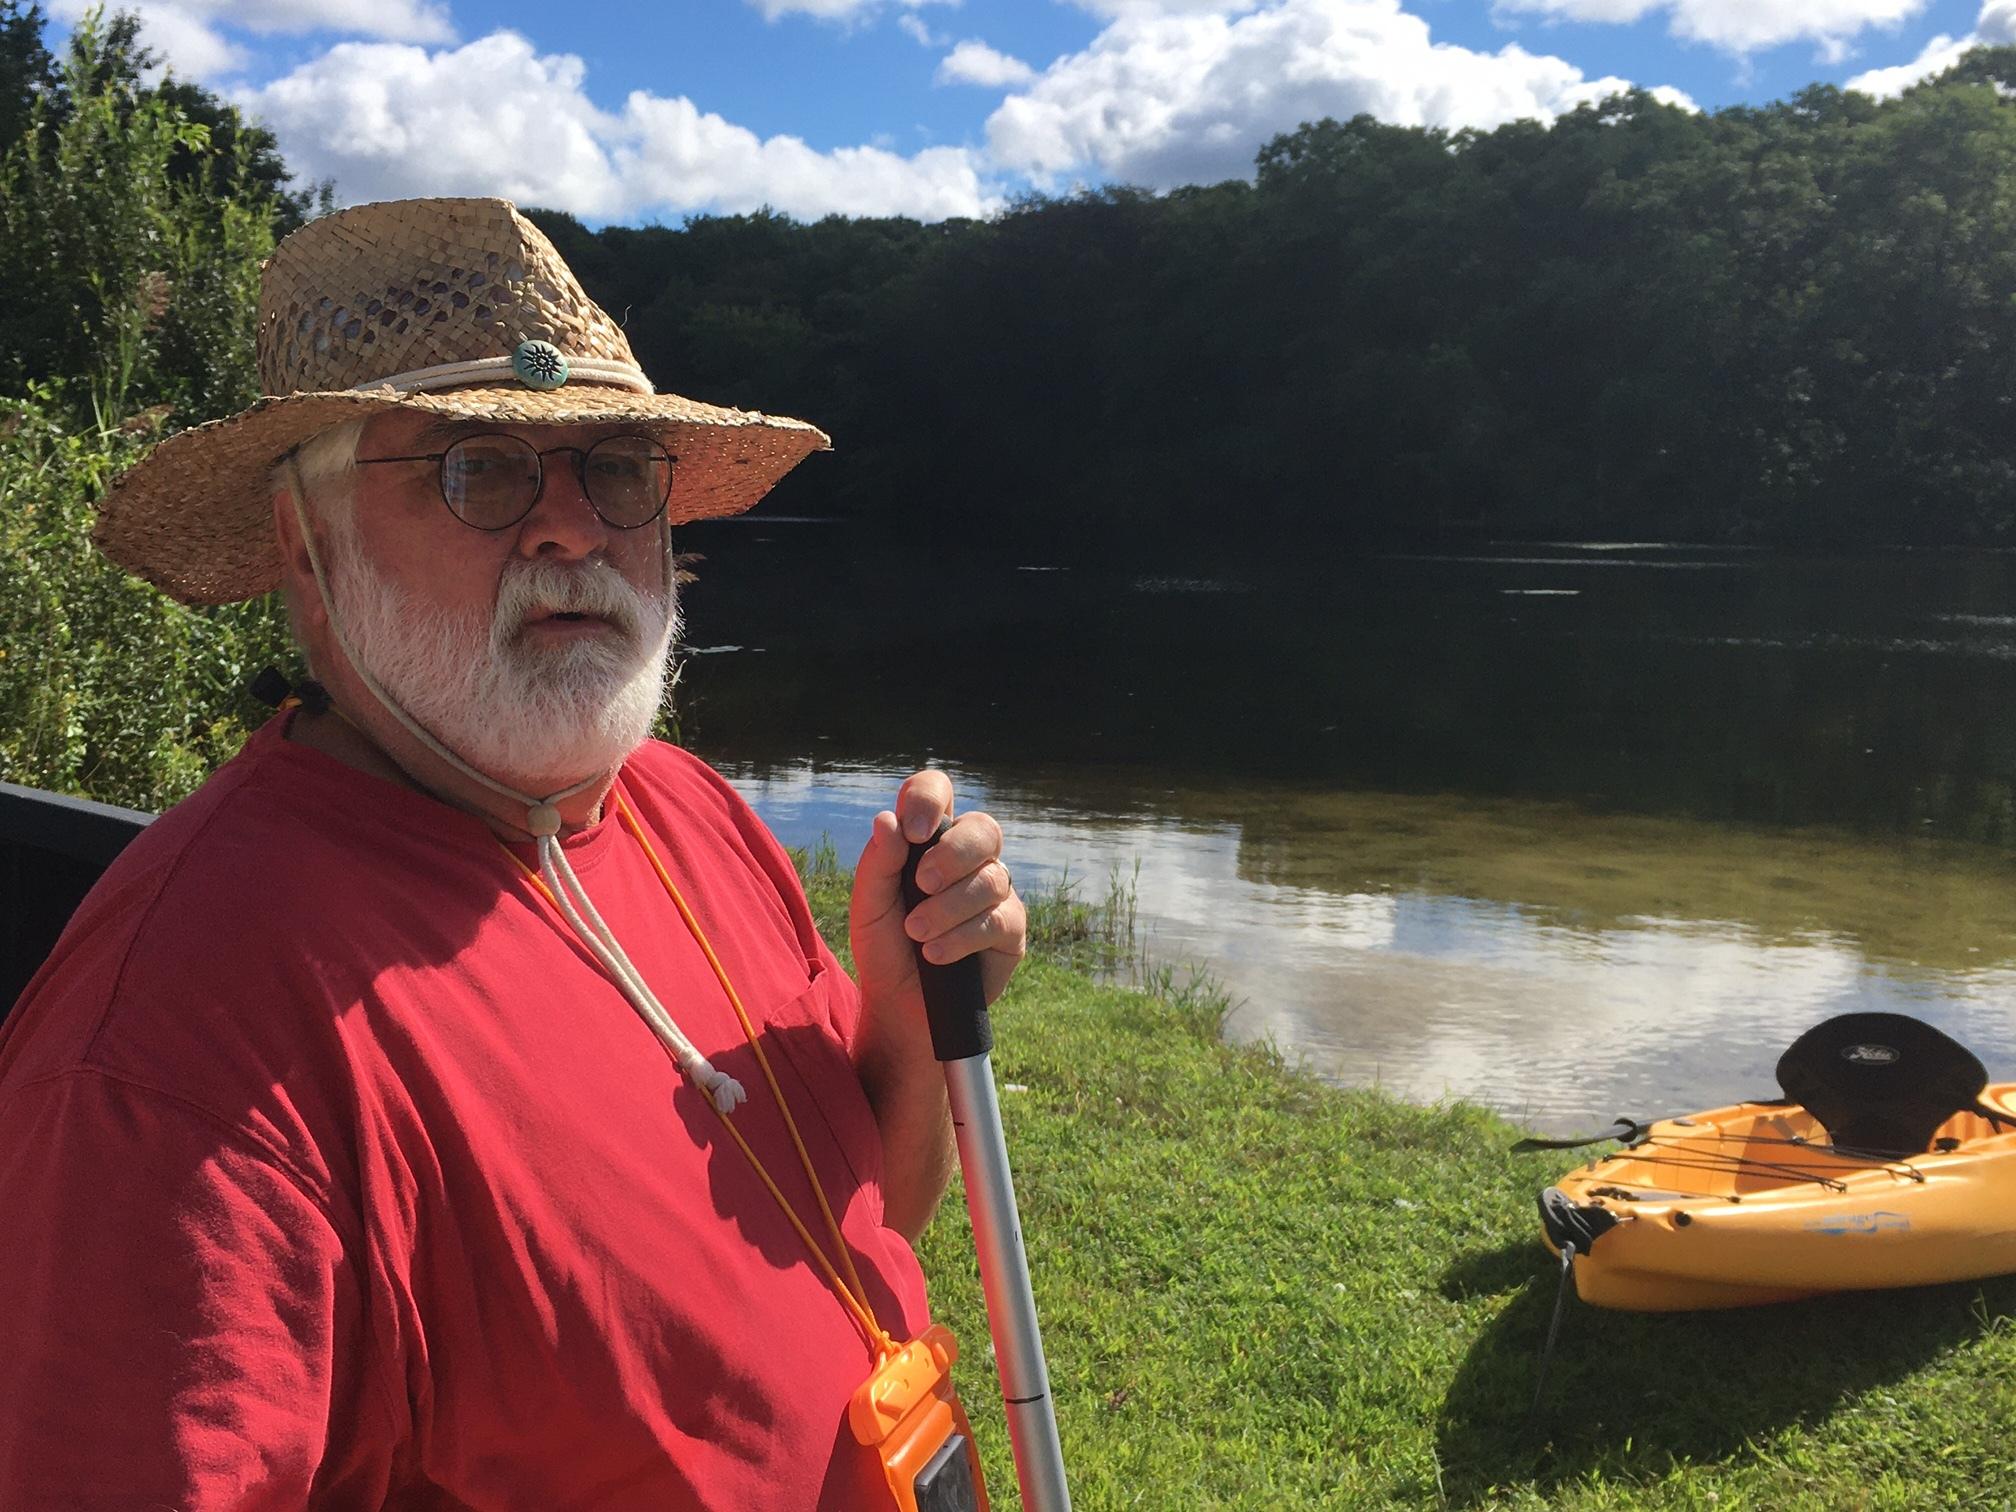 Robert Mozer at East Pond in Eastport.